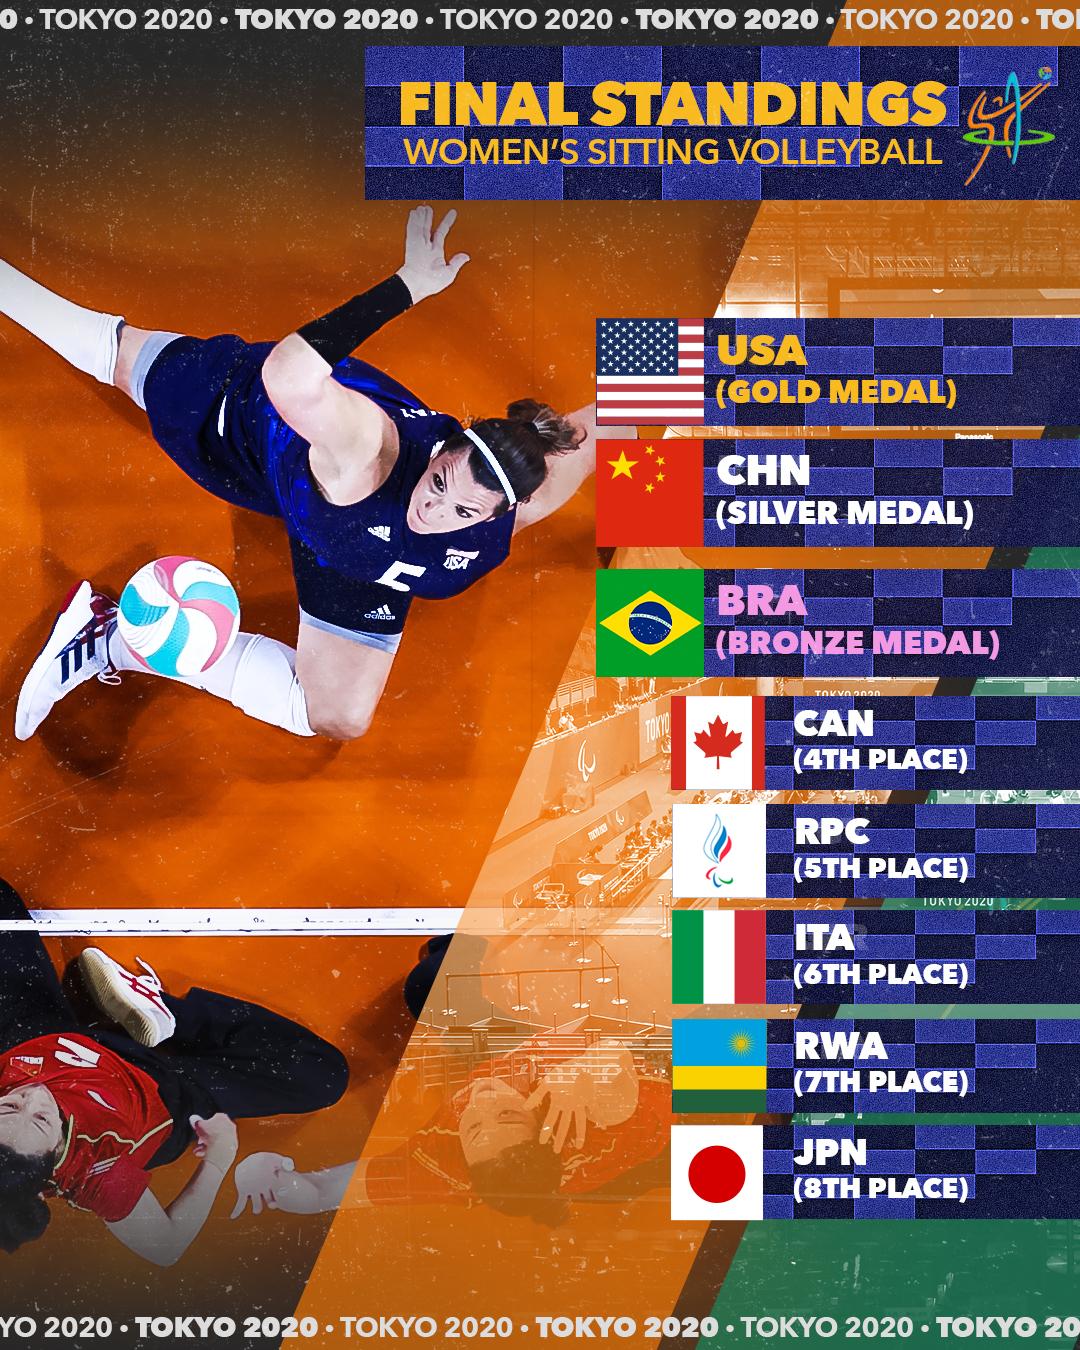 Women's Final Standing